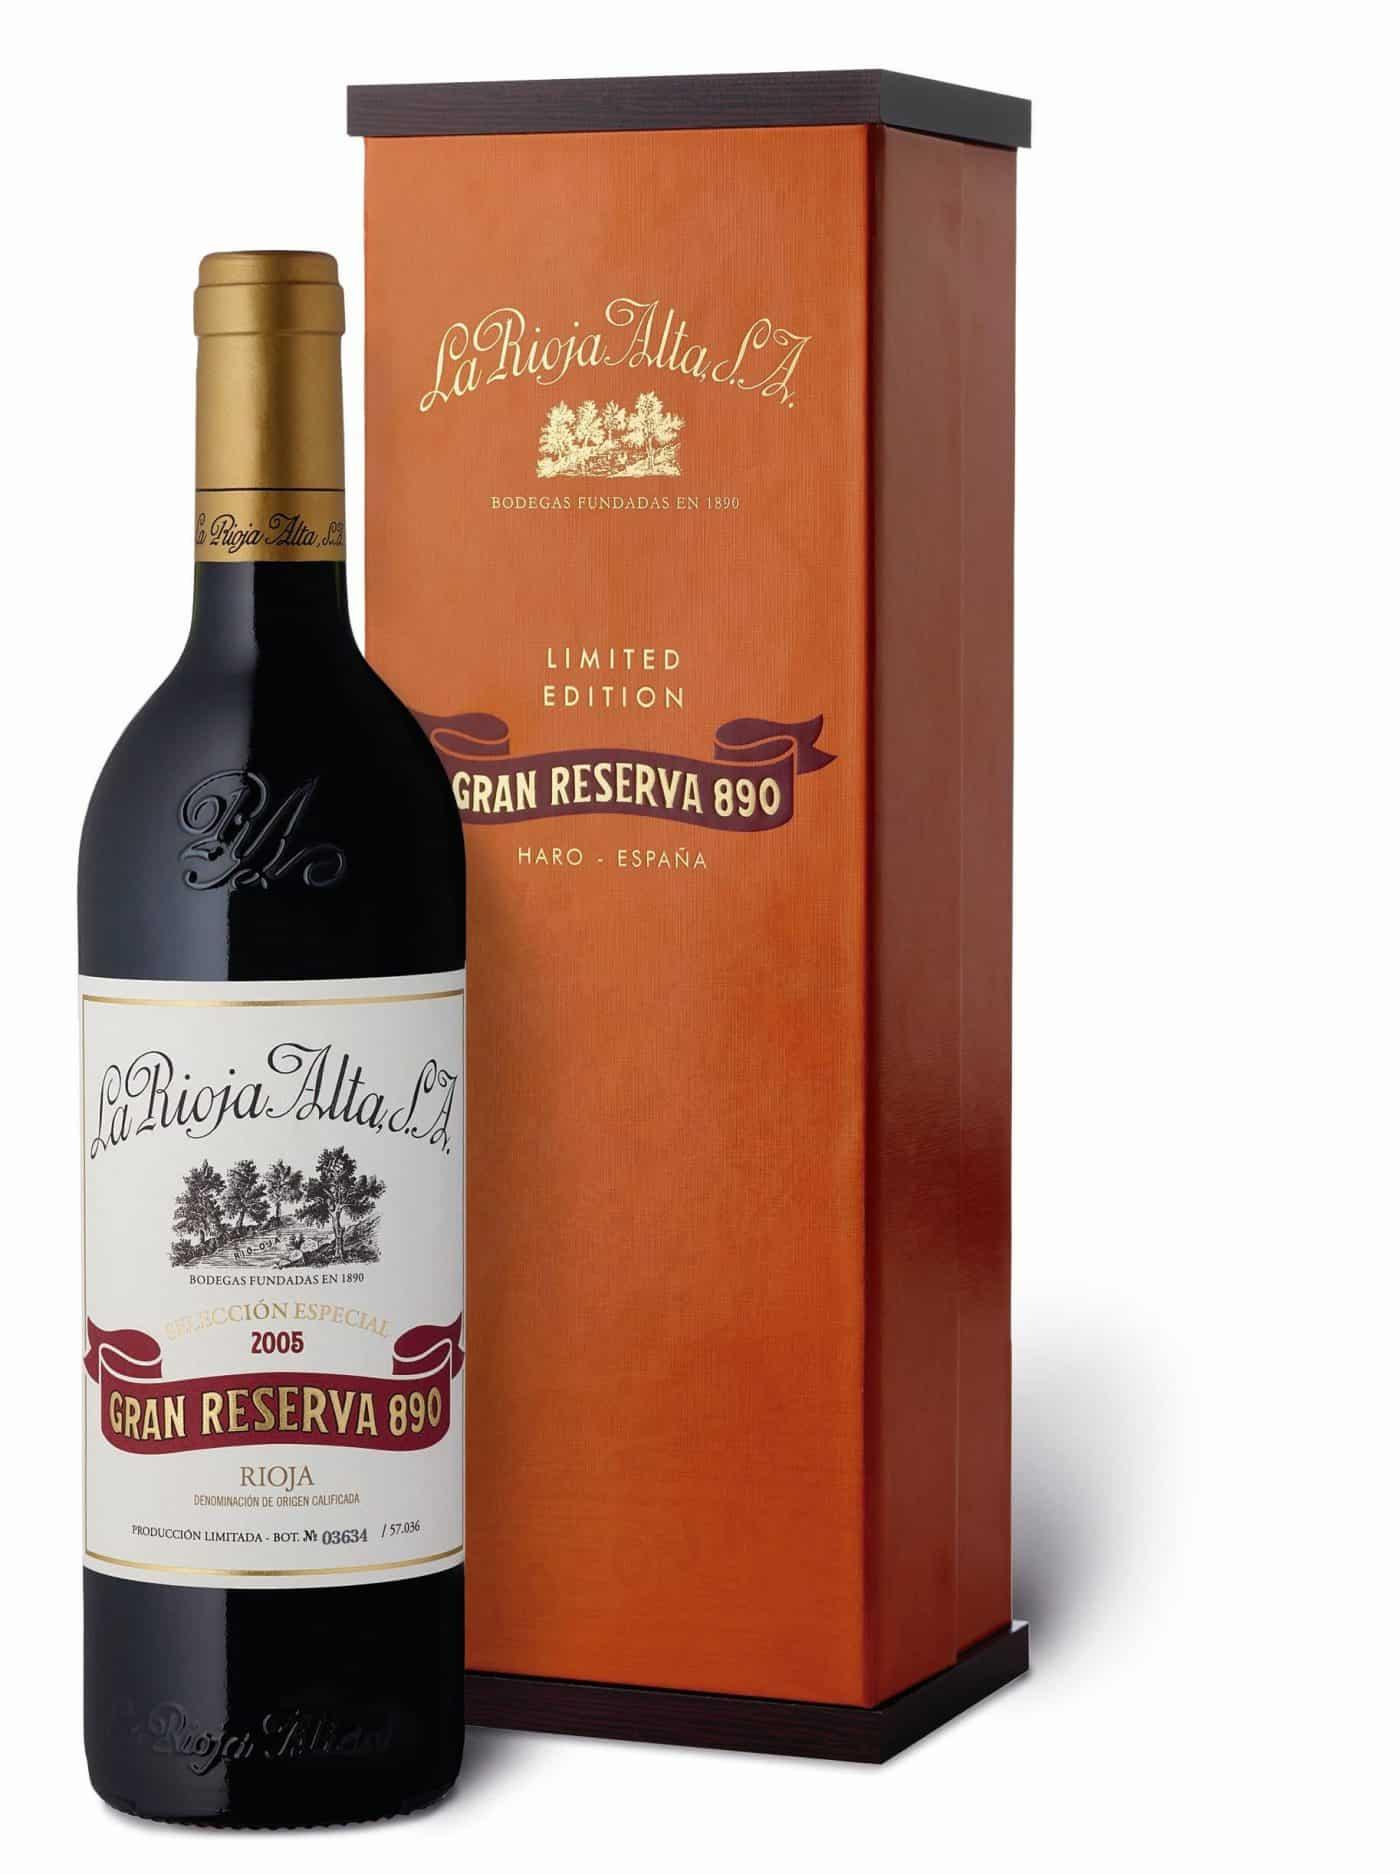 El mejor Rioja de la Guía Peñín es de Haro 1